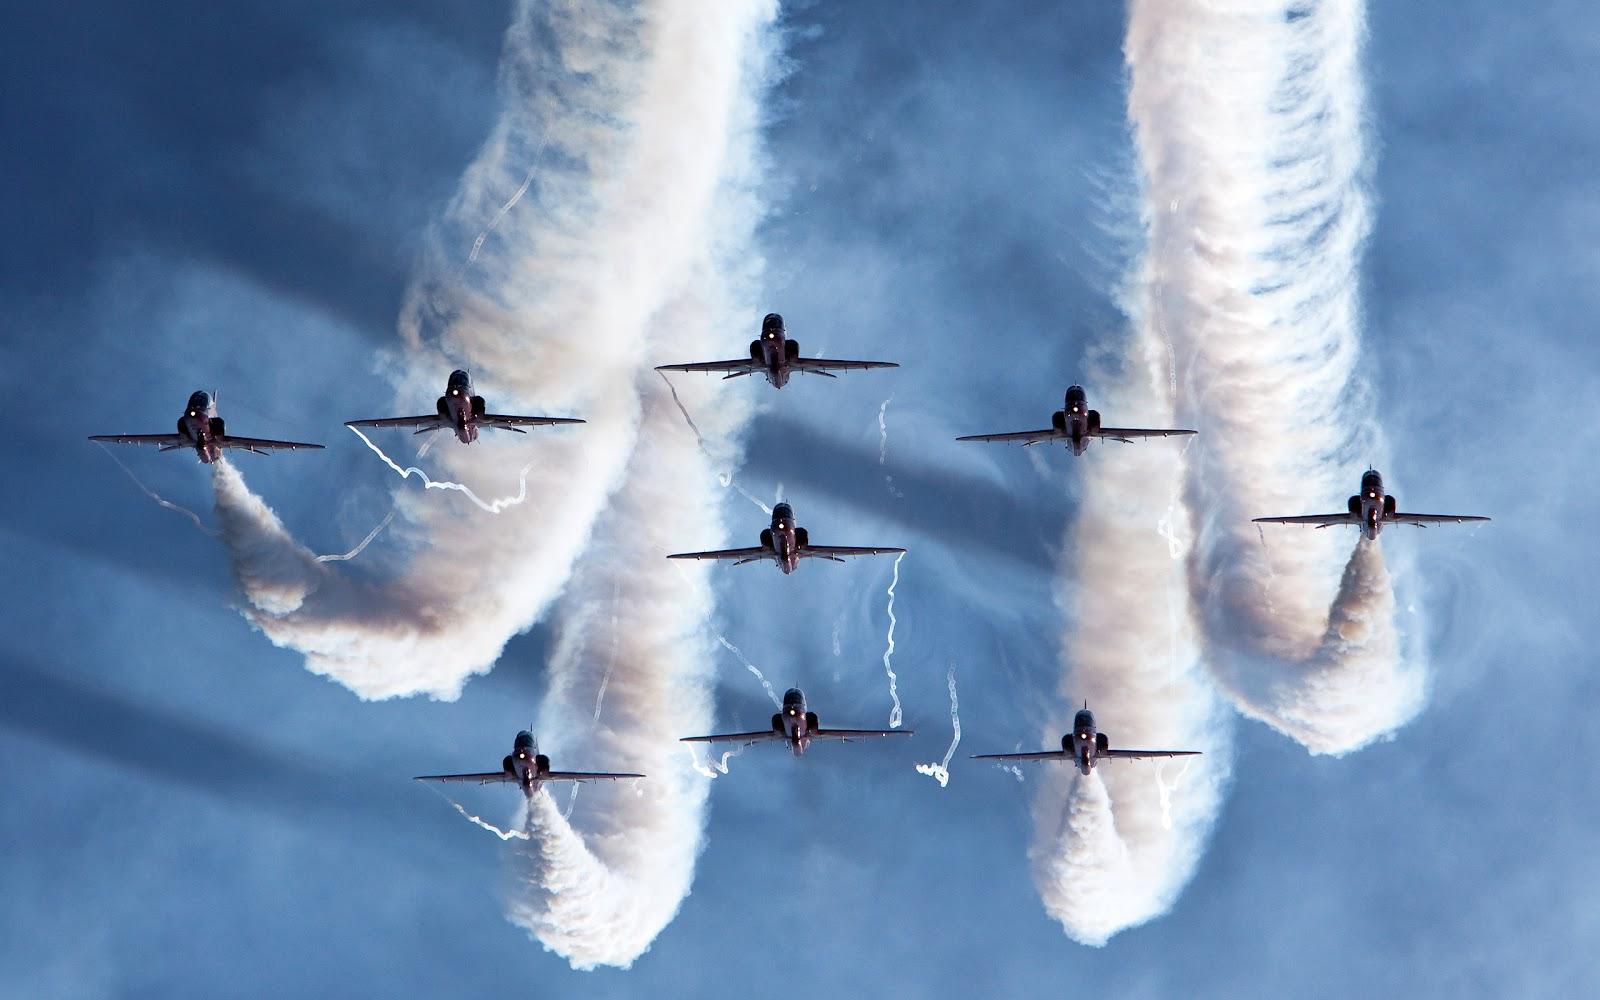 http://2.bp.blogspot.com/-yvqmMu__WZE/T8d-vnyzBpI/AAAAAAAABe4/T1gEE7bDoNI/s1600/royal_air_force_aerobatic_team-wide.jpg